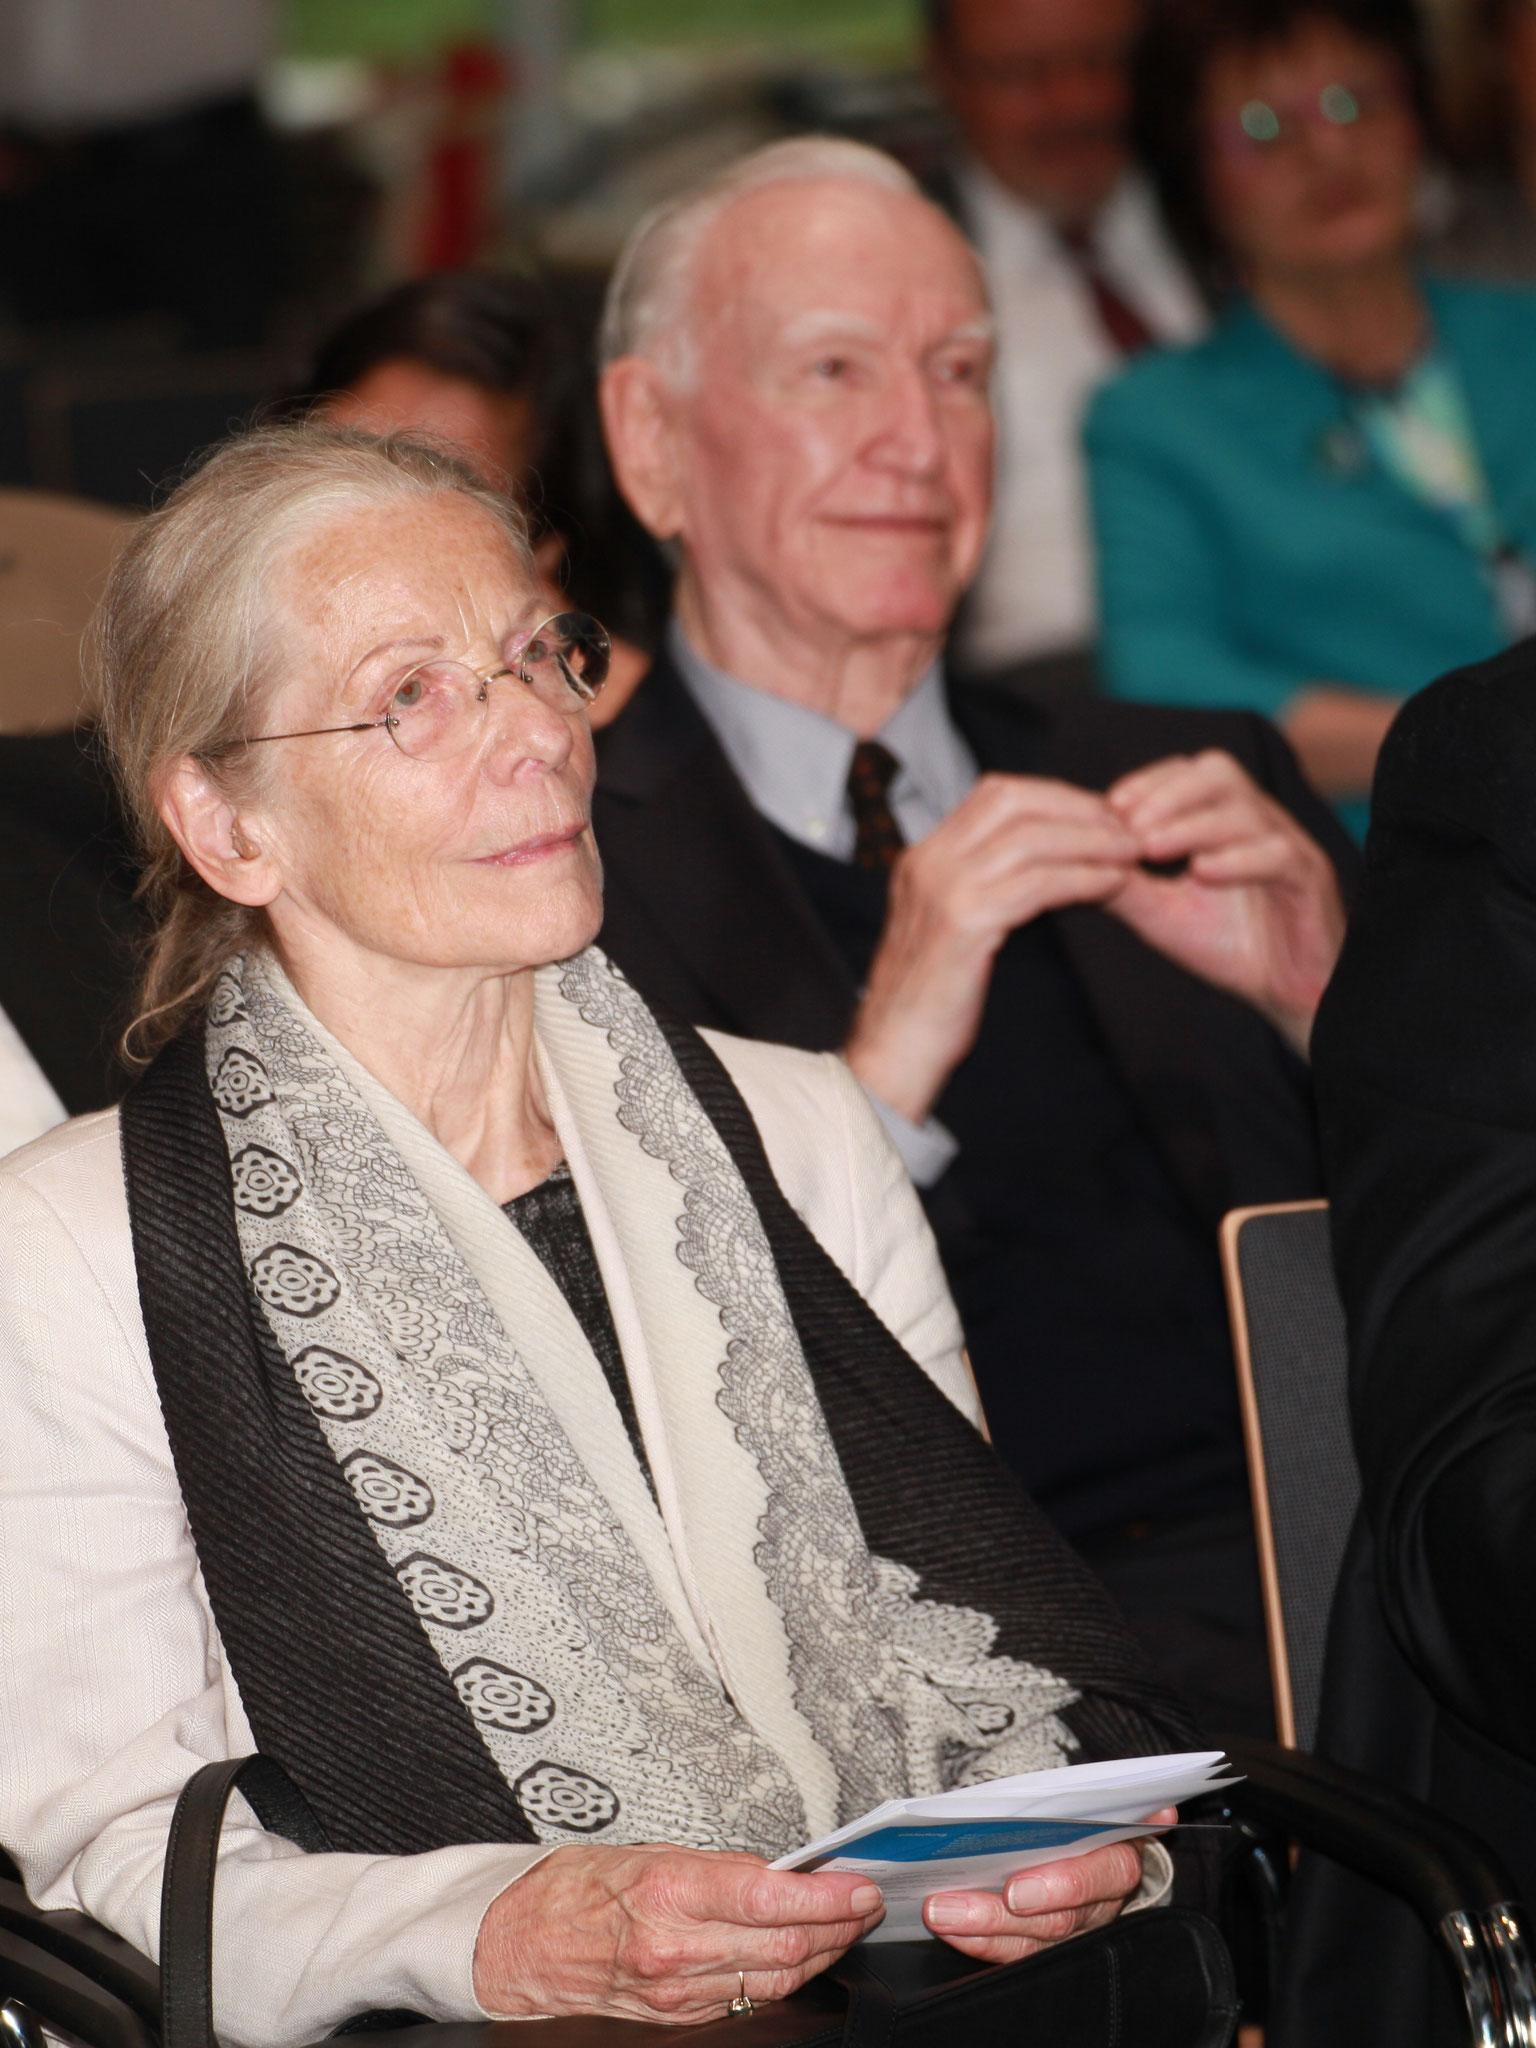 Die Preisträgerin Susanne Linke, im Hintergrund Stephan Bock (Ehrenmitglied des Kuratoriums)